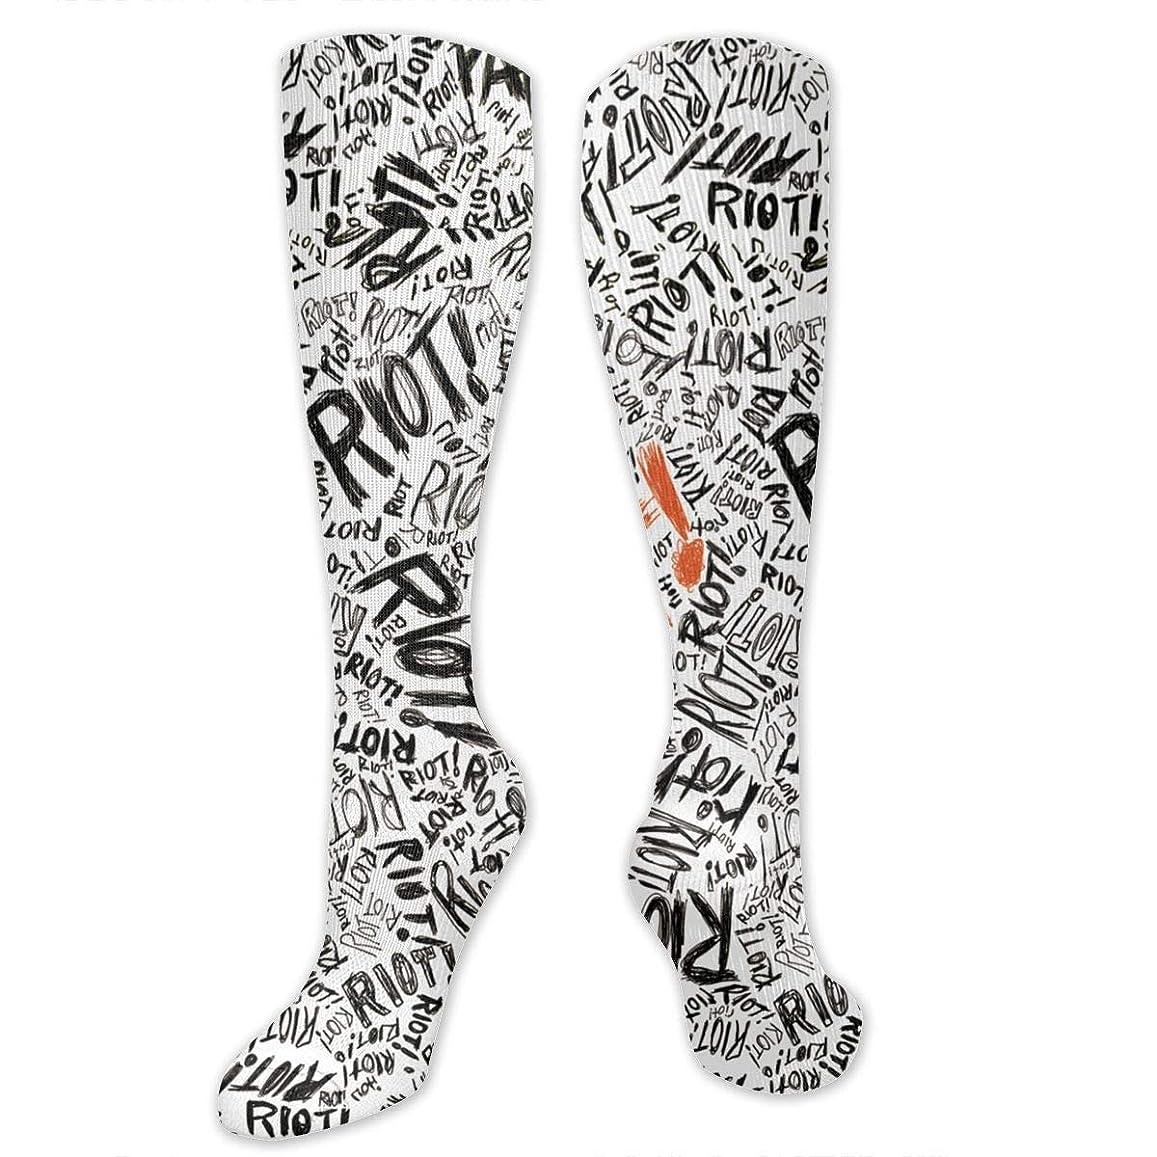 君主制腸シュート靴下,ストッキング,野生のジョーカー,実際,秋の本質,冬必須,サマーウェア&RBXAA Women's Winter Cotton Long Tube Socks Knee High Graduated Compression Socks Messy Riot! Socks